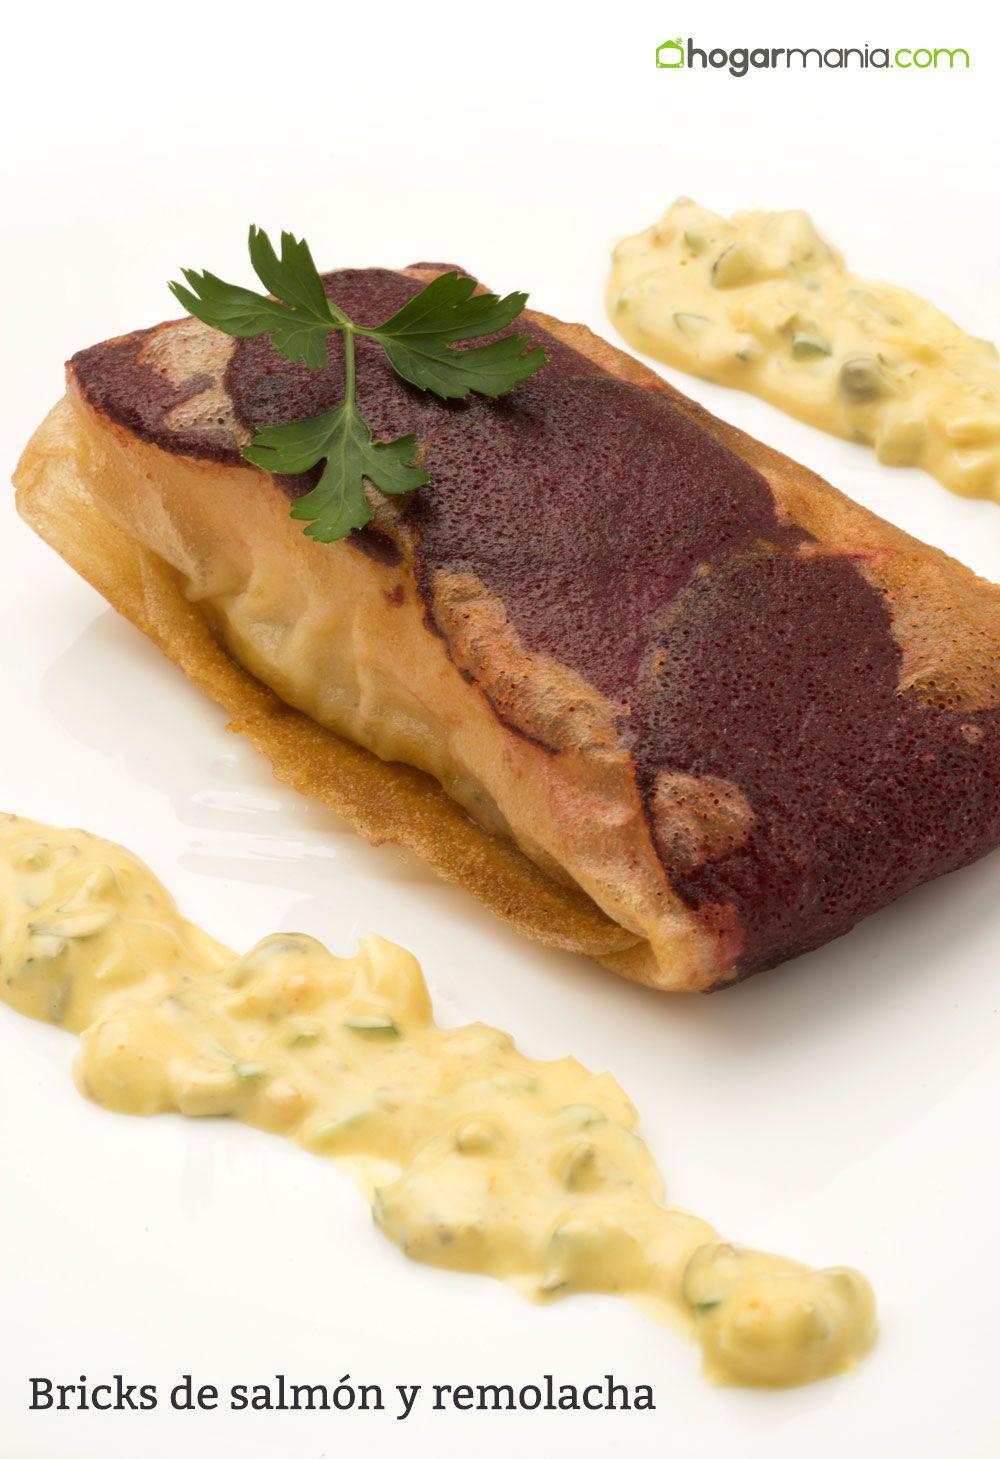 Bricks de salmón y remolacha